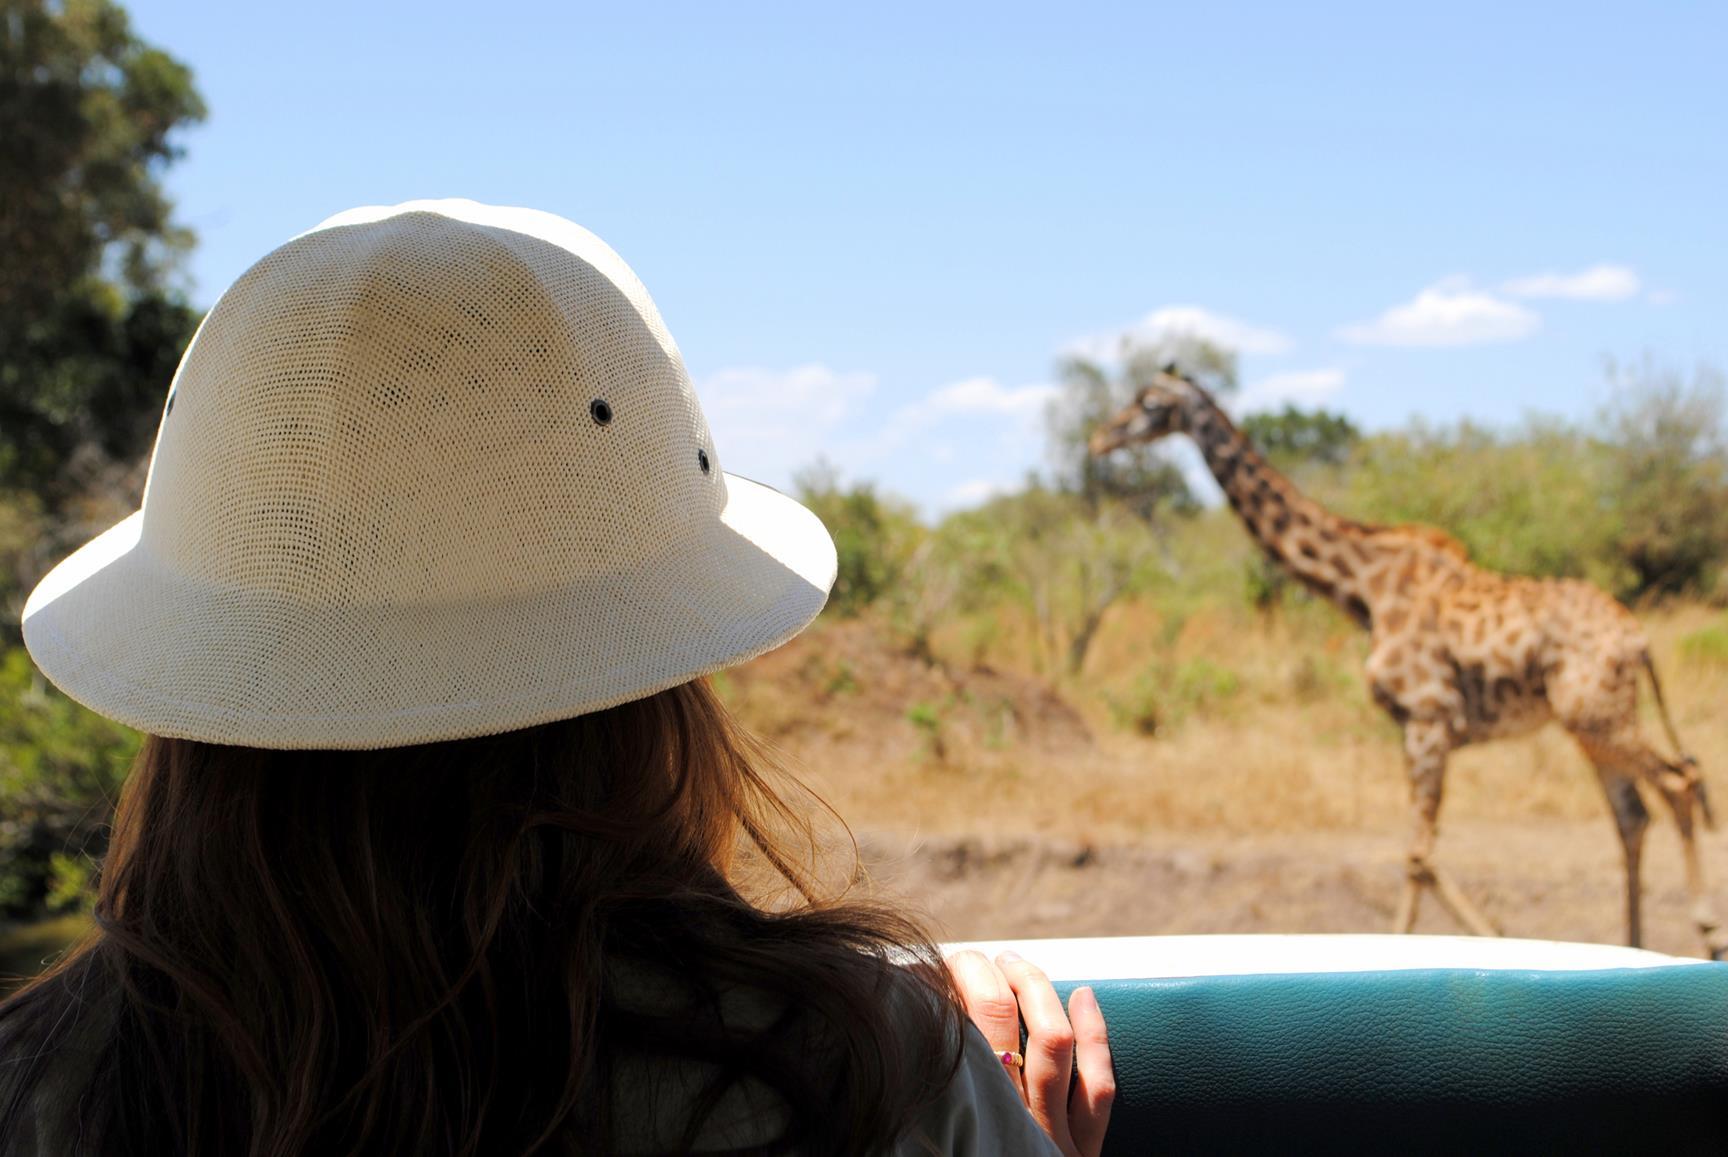 jirafas-safari-masai-mara